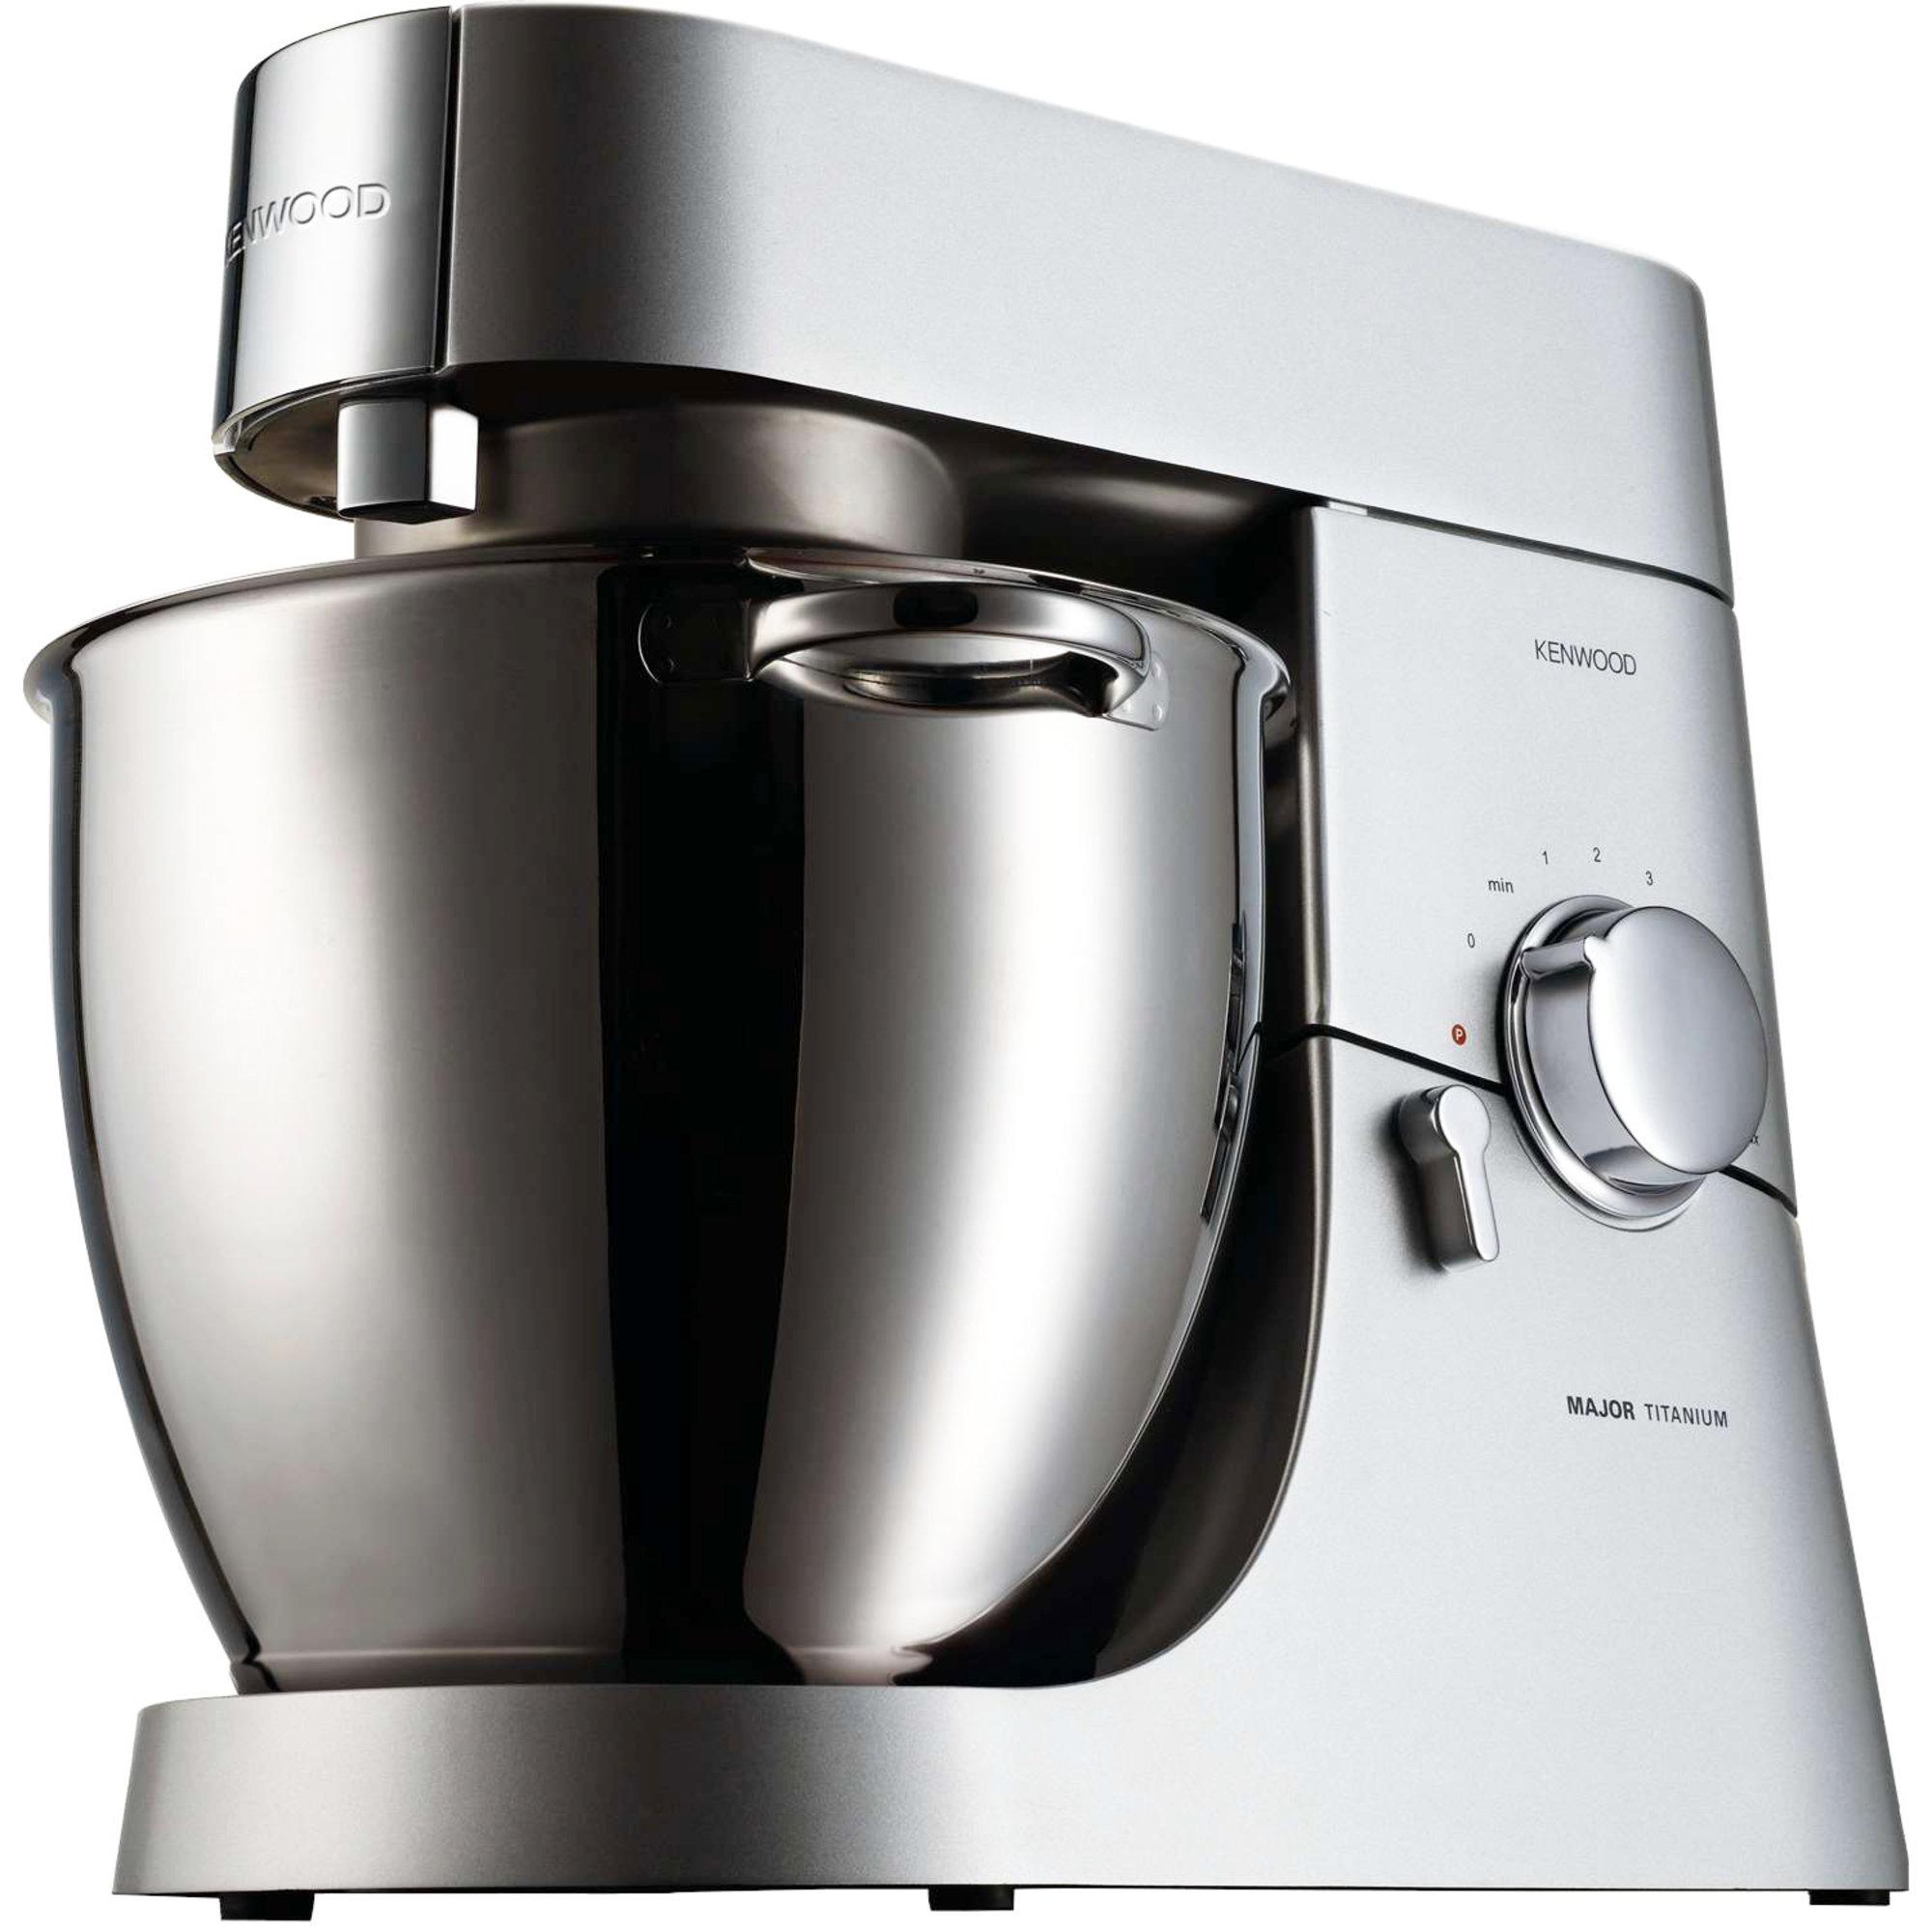 Bestil KMM060 Major Titanium køkkenmaskine fra Kenwood